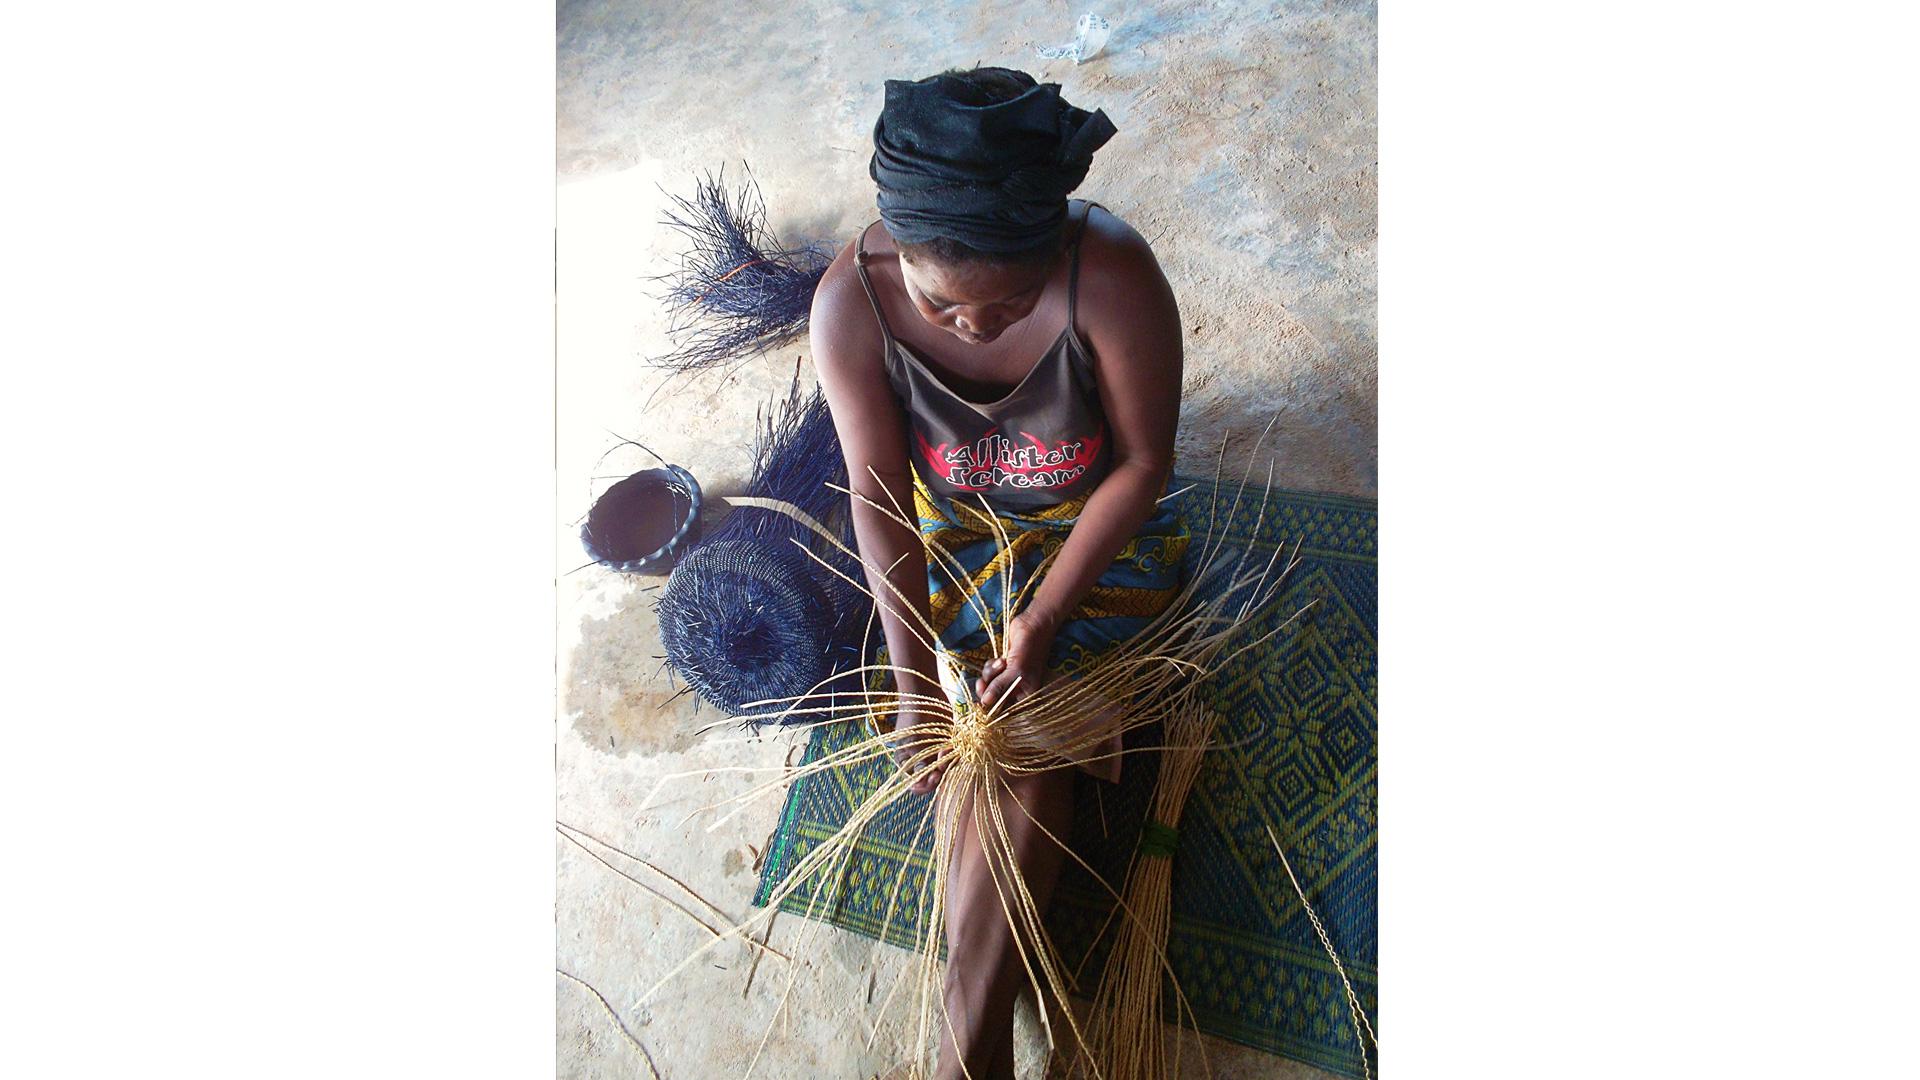 Die Korbflechterinnen von SPB Uni-Commerz tragen durch ihre Arbeit dazu bei, dass alte Handwerkstraditionen erhalten bleiben. Gefertigt werden die Bolga-Körbe in dieser Region aus dem Stroh des Savannengrases oder der in Ghana angebauten Hirse.